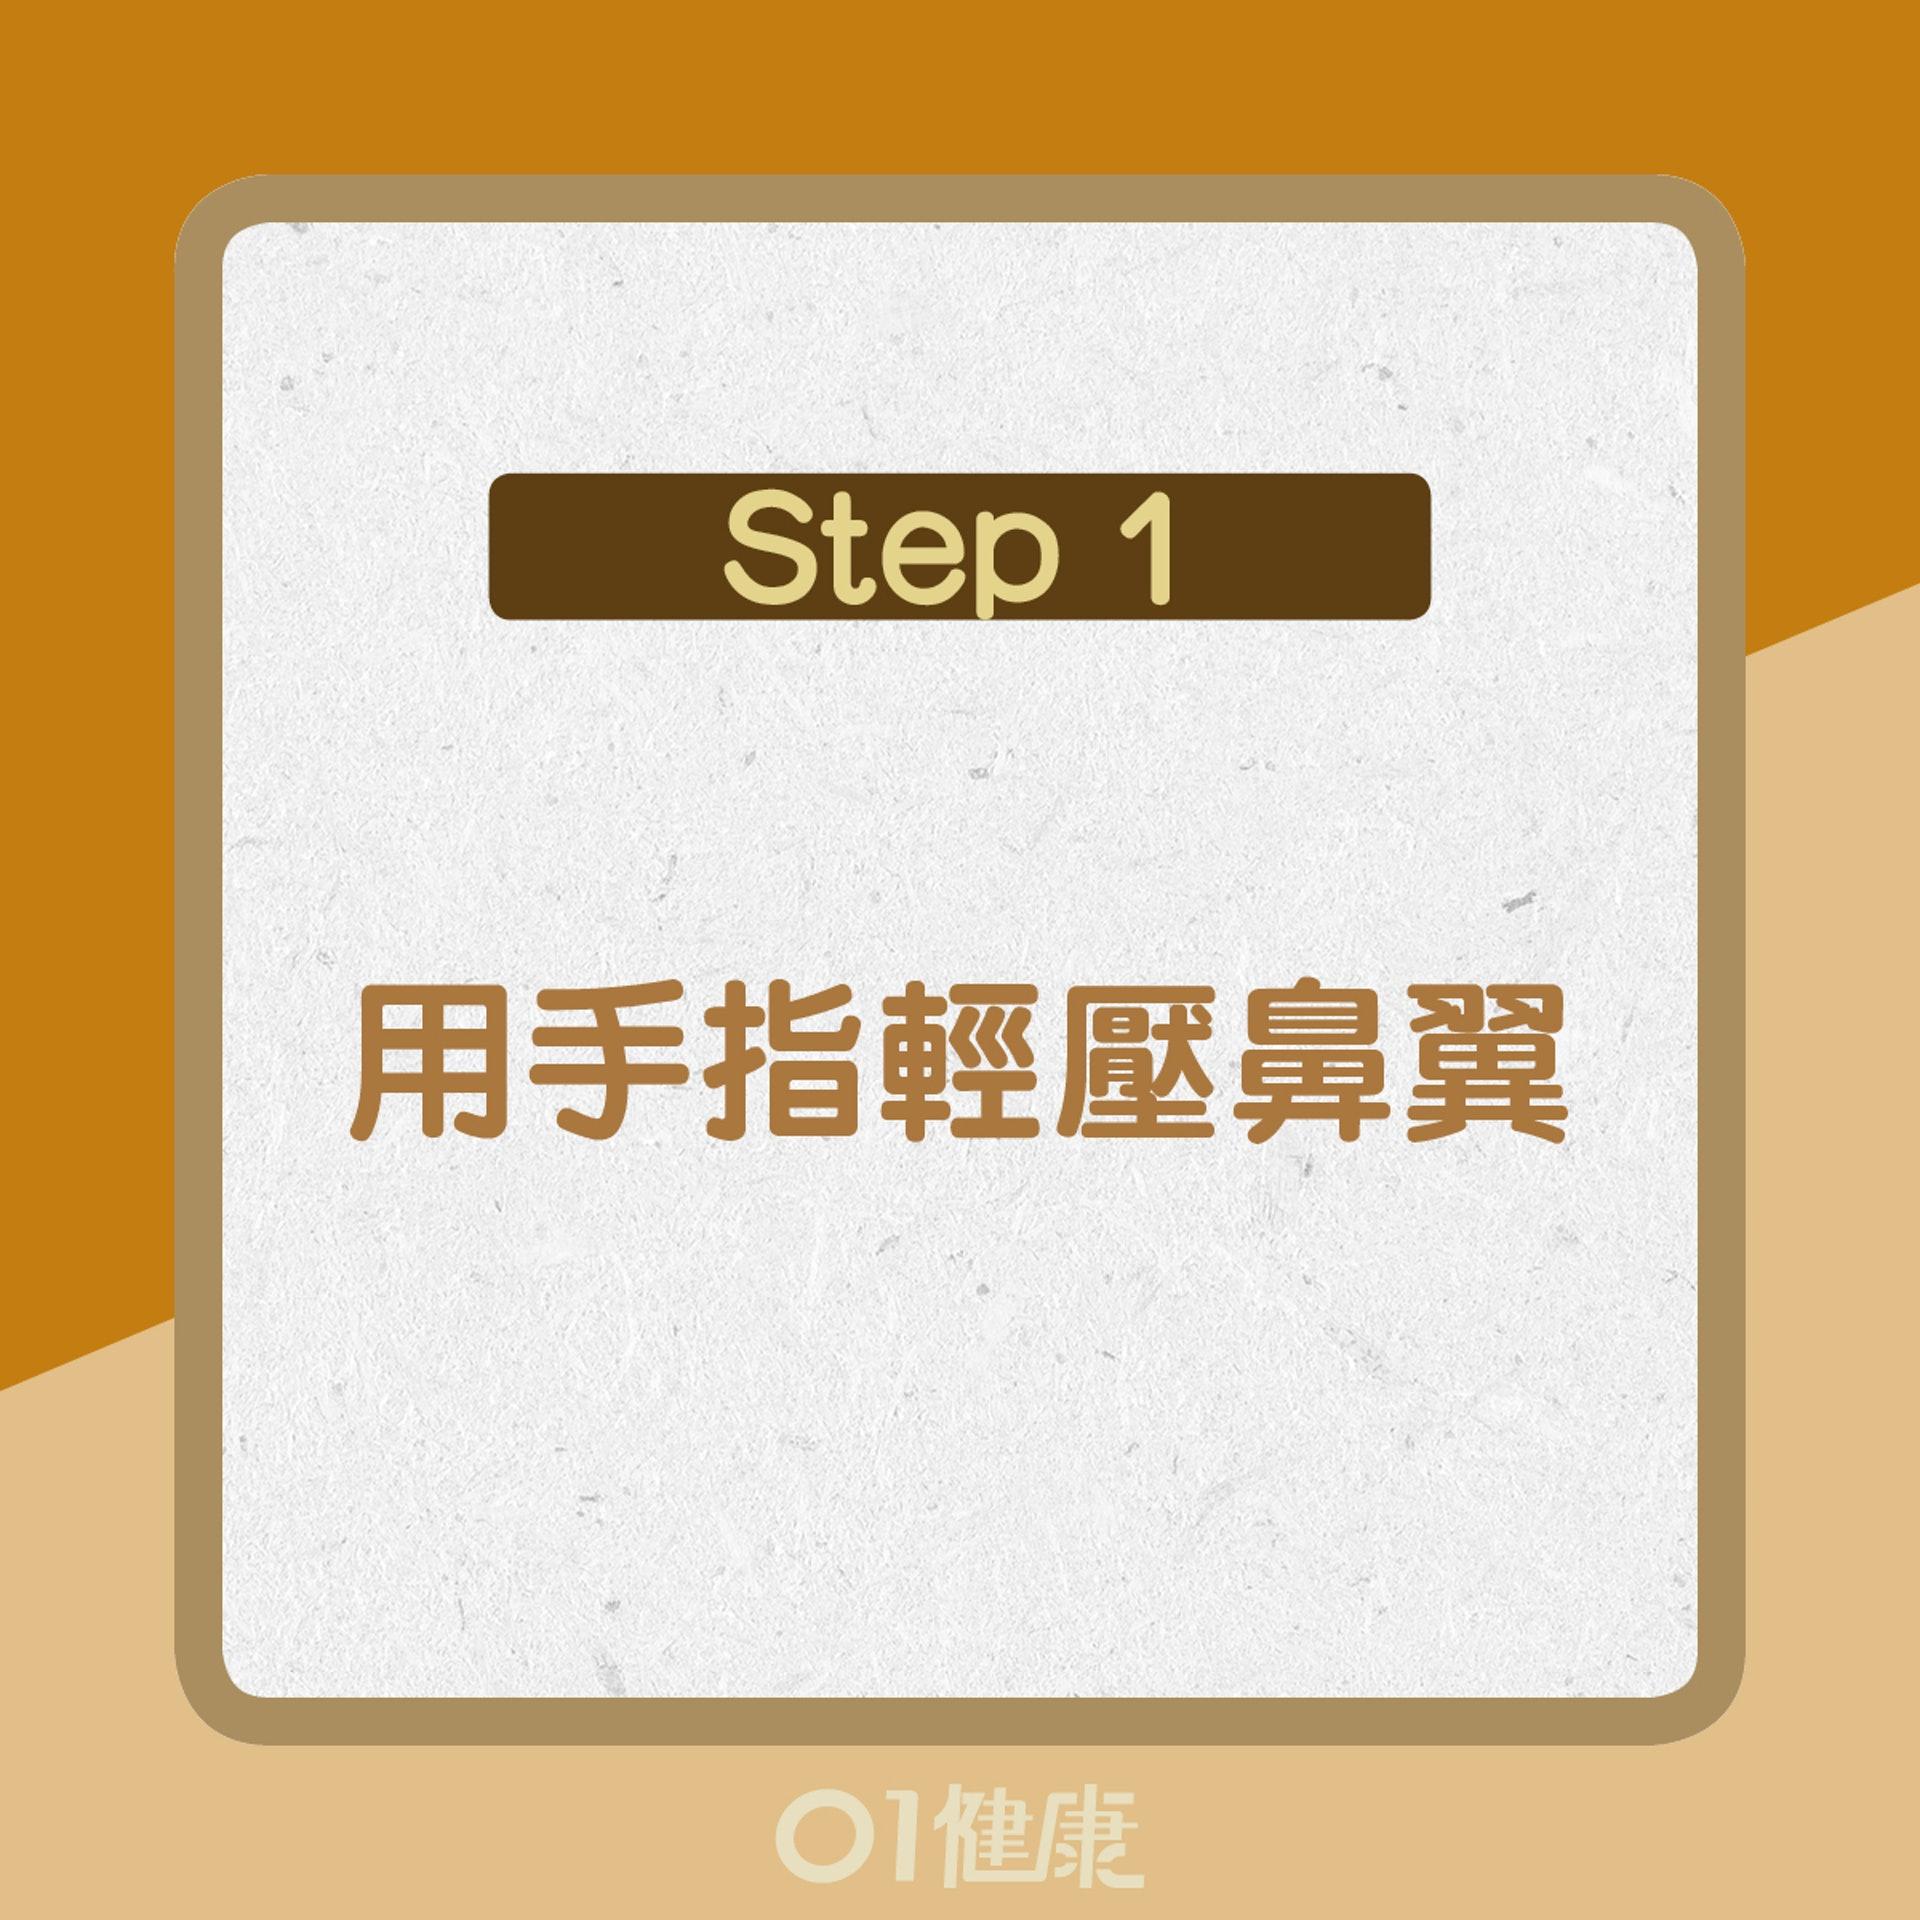 【流鼻血處理方法】1. 用手指輕壓鼻翼(01製圖)